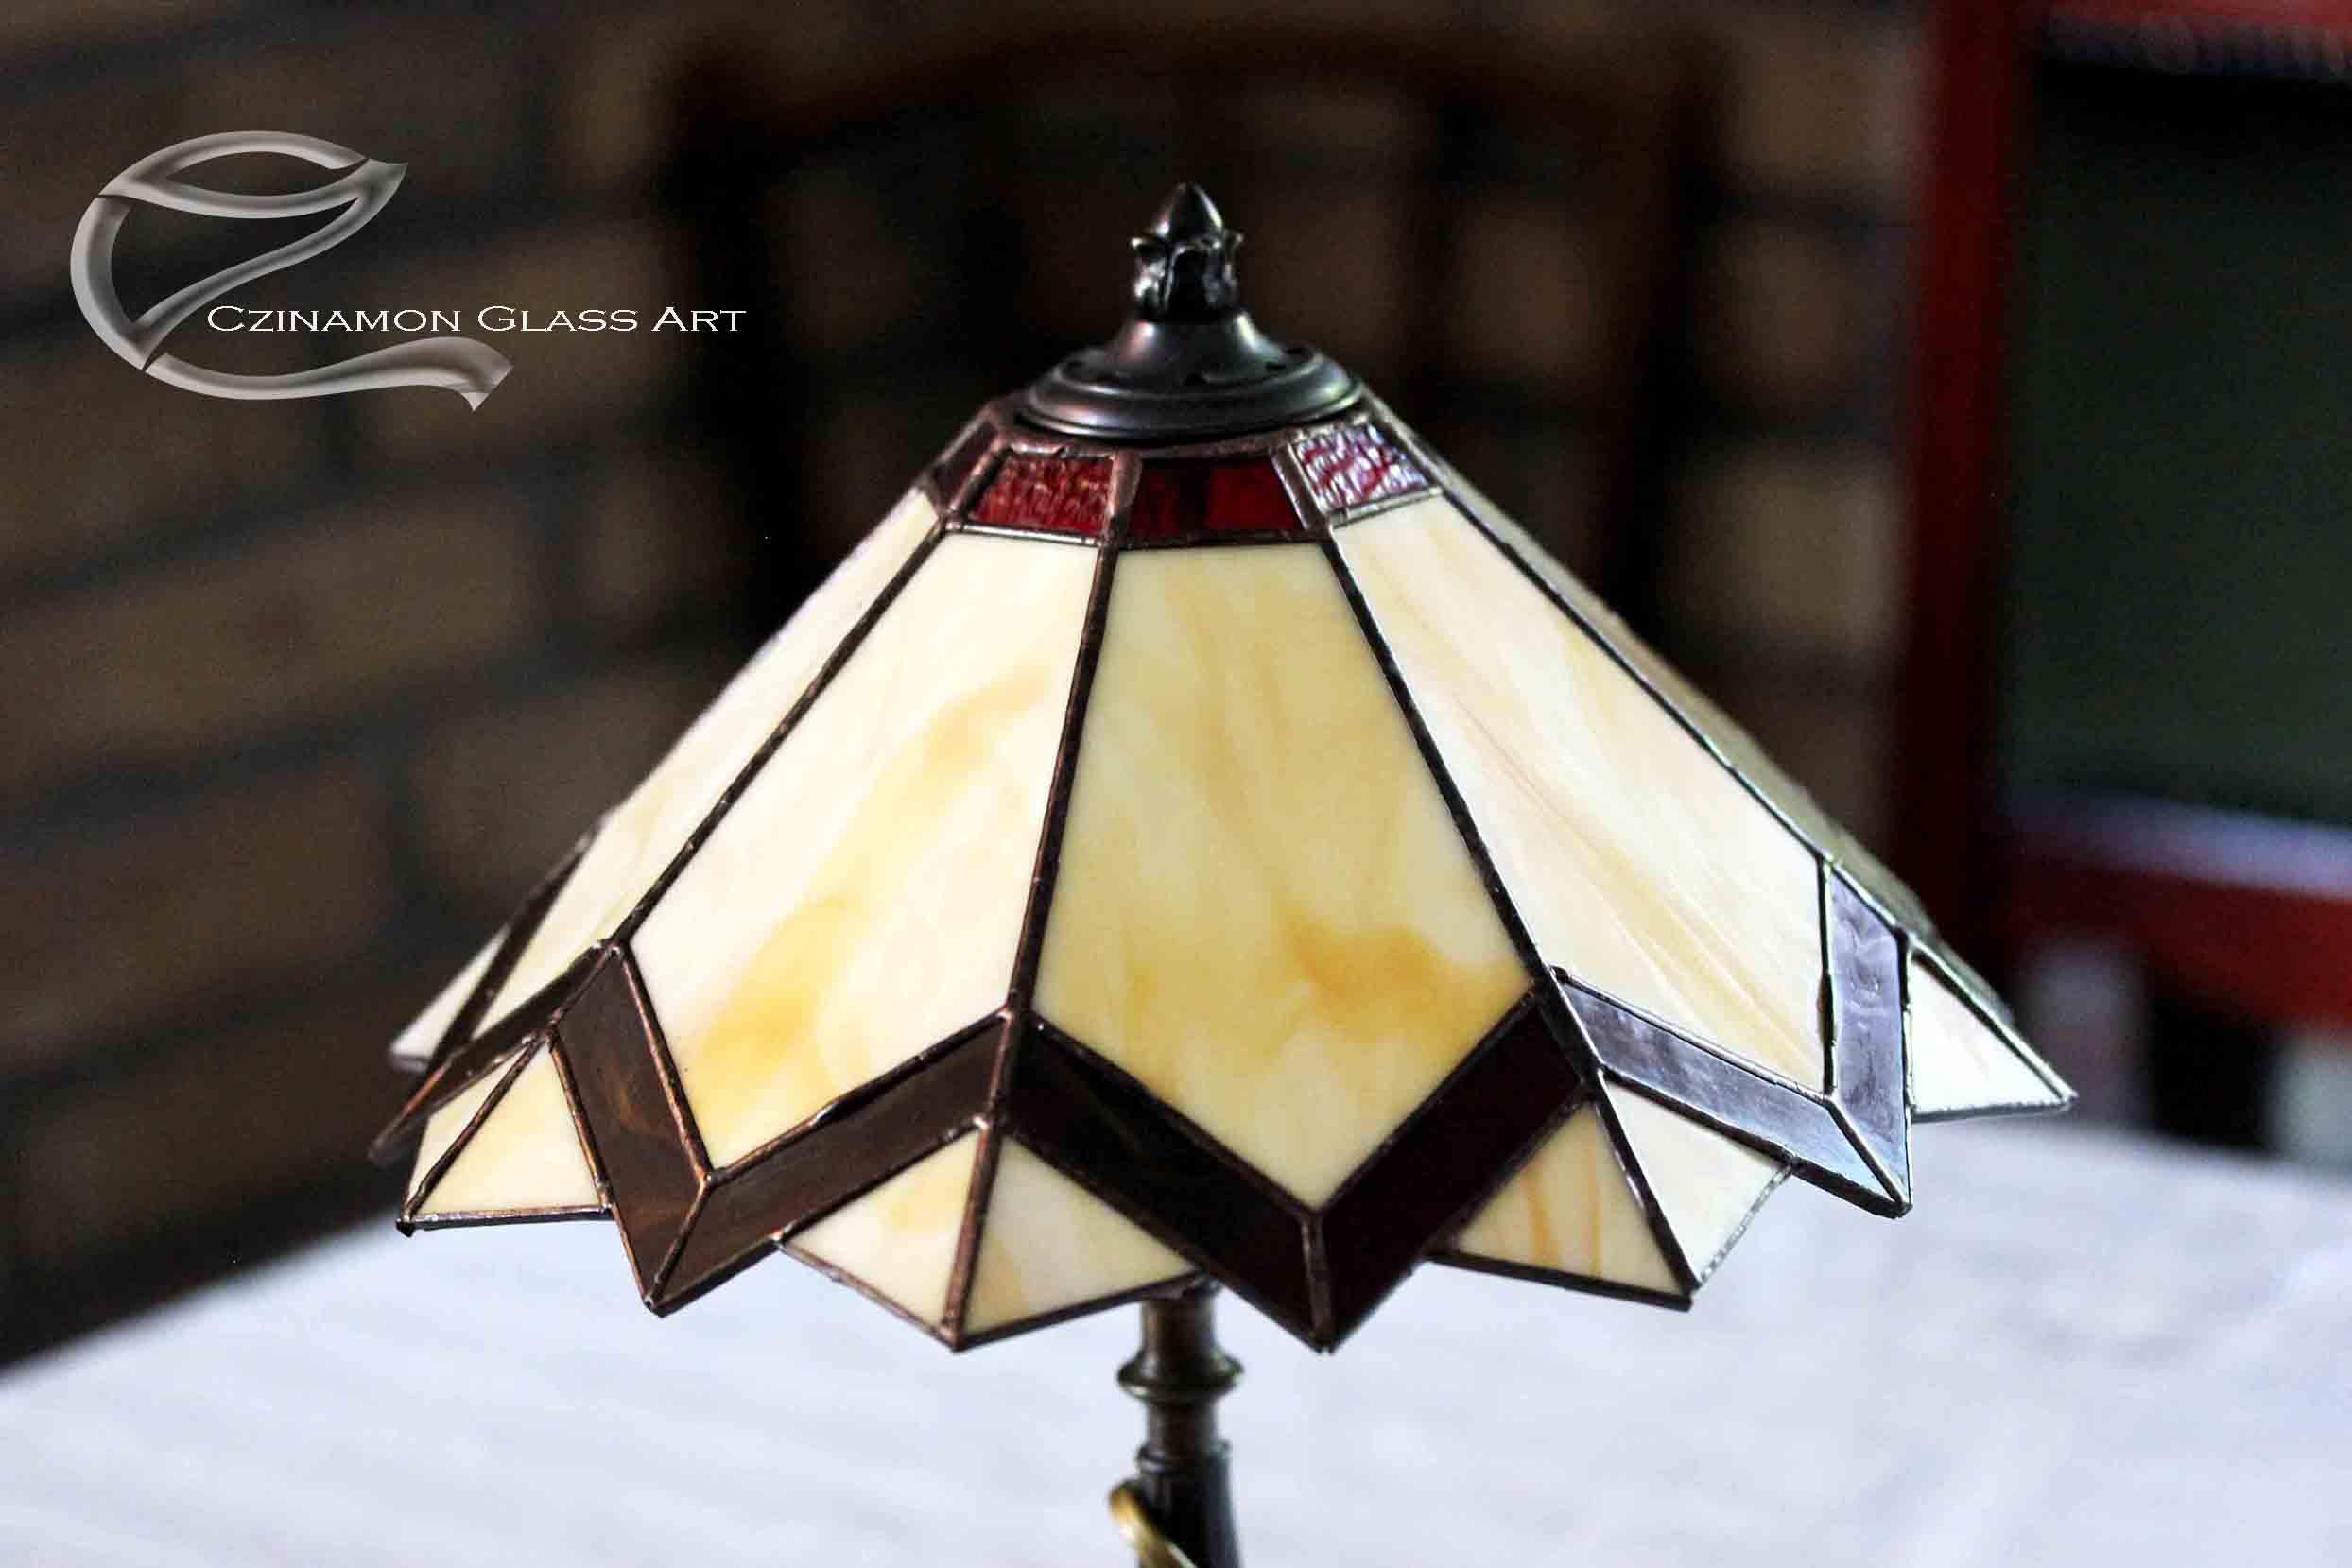 Kis lámpa javítás